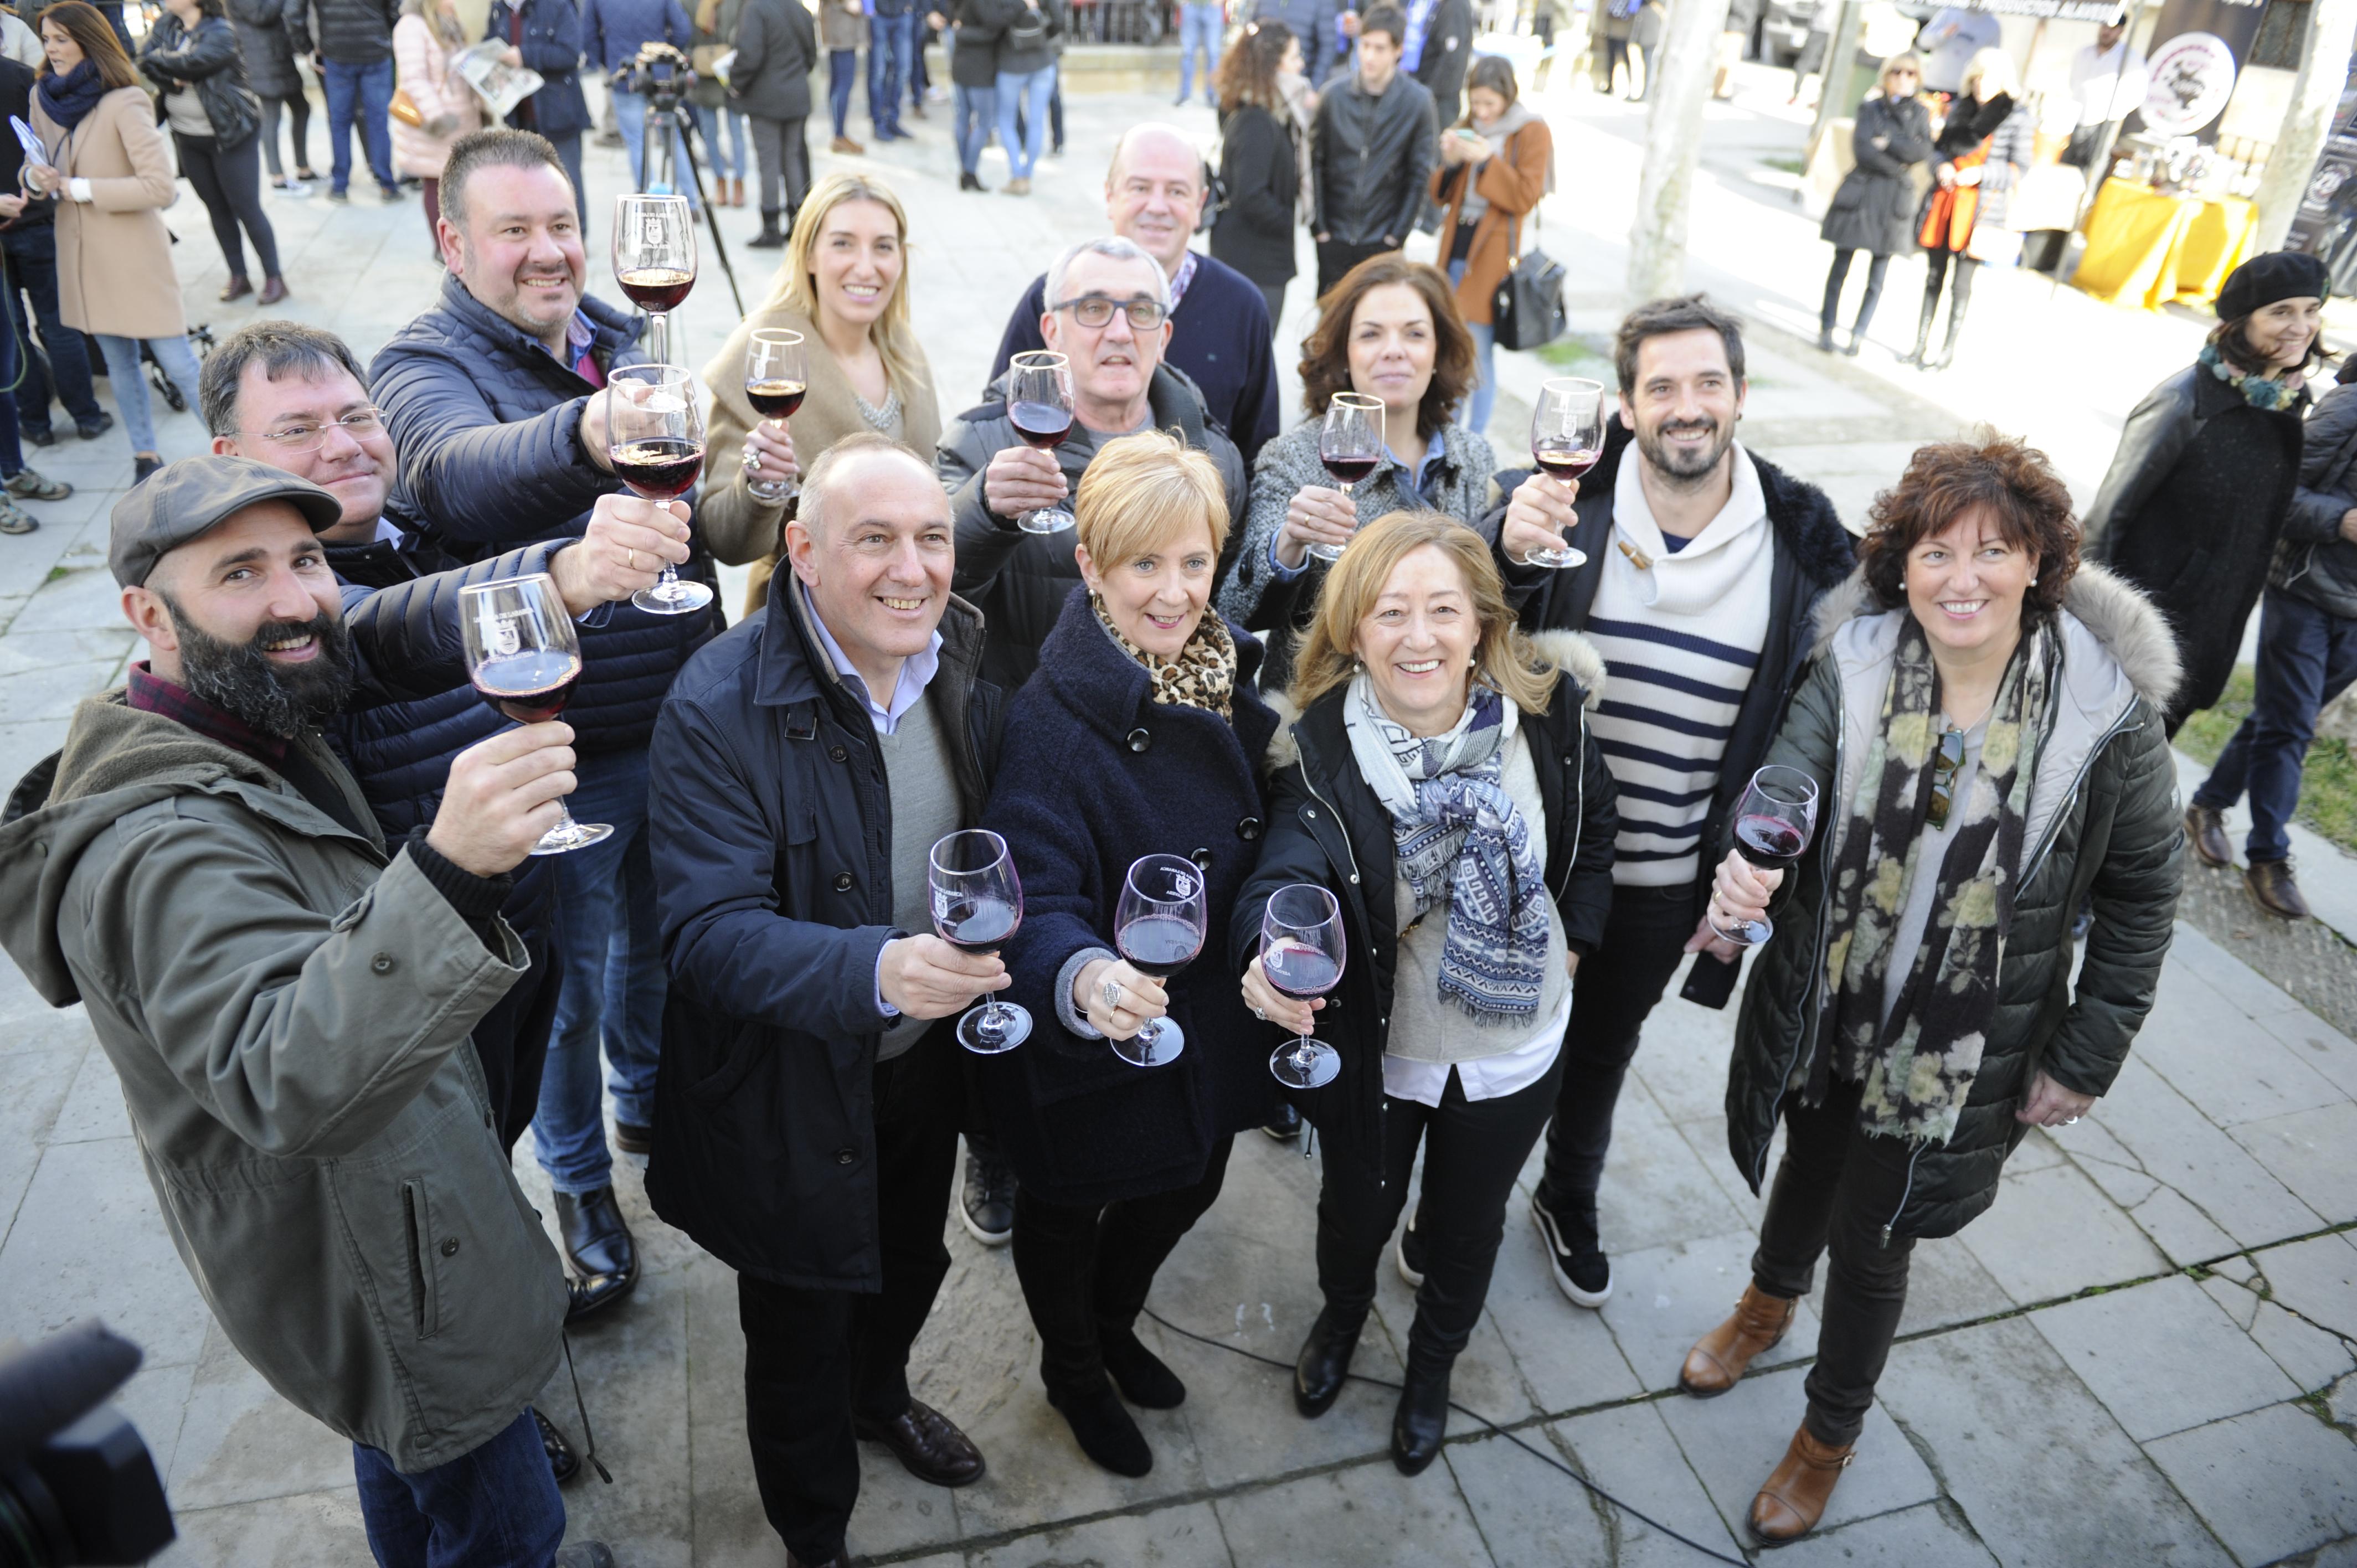 Los vinos de Rioja Alavesa baten récord de precios en los mercados internacionales